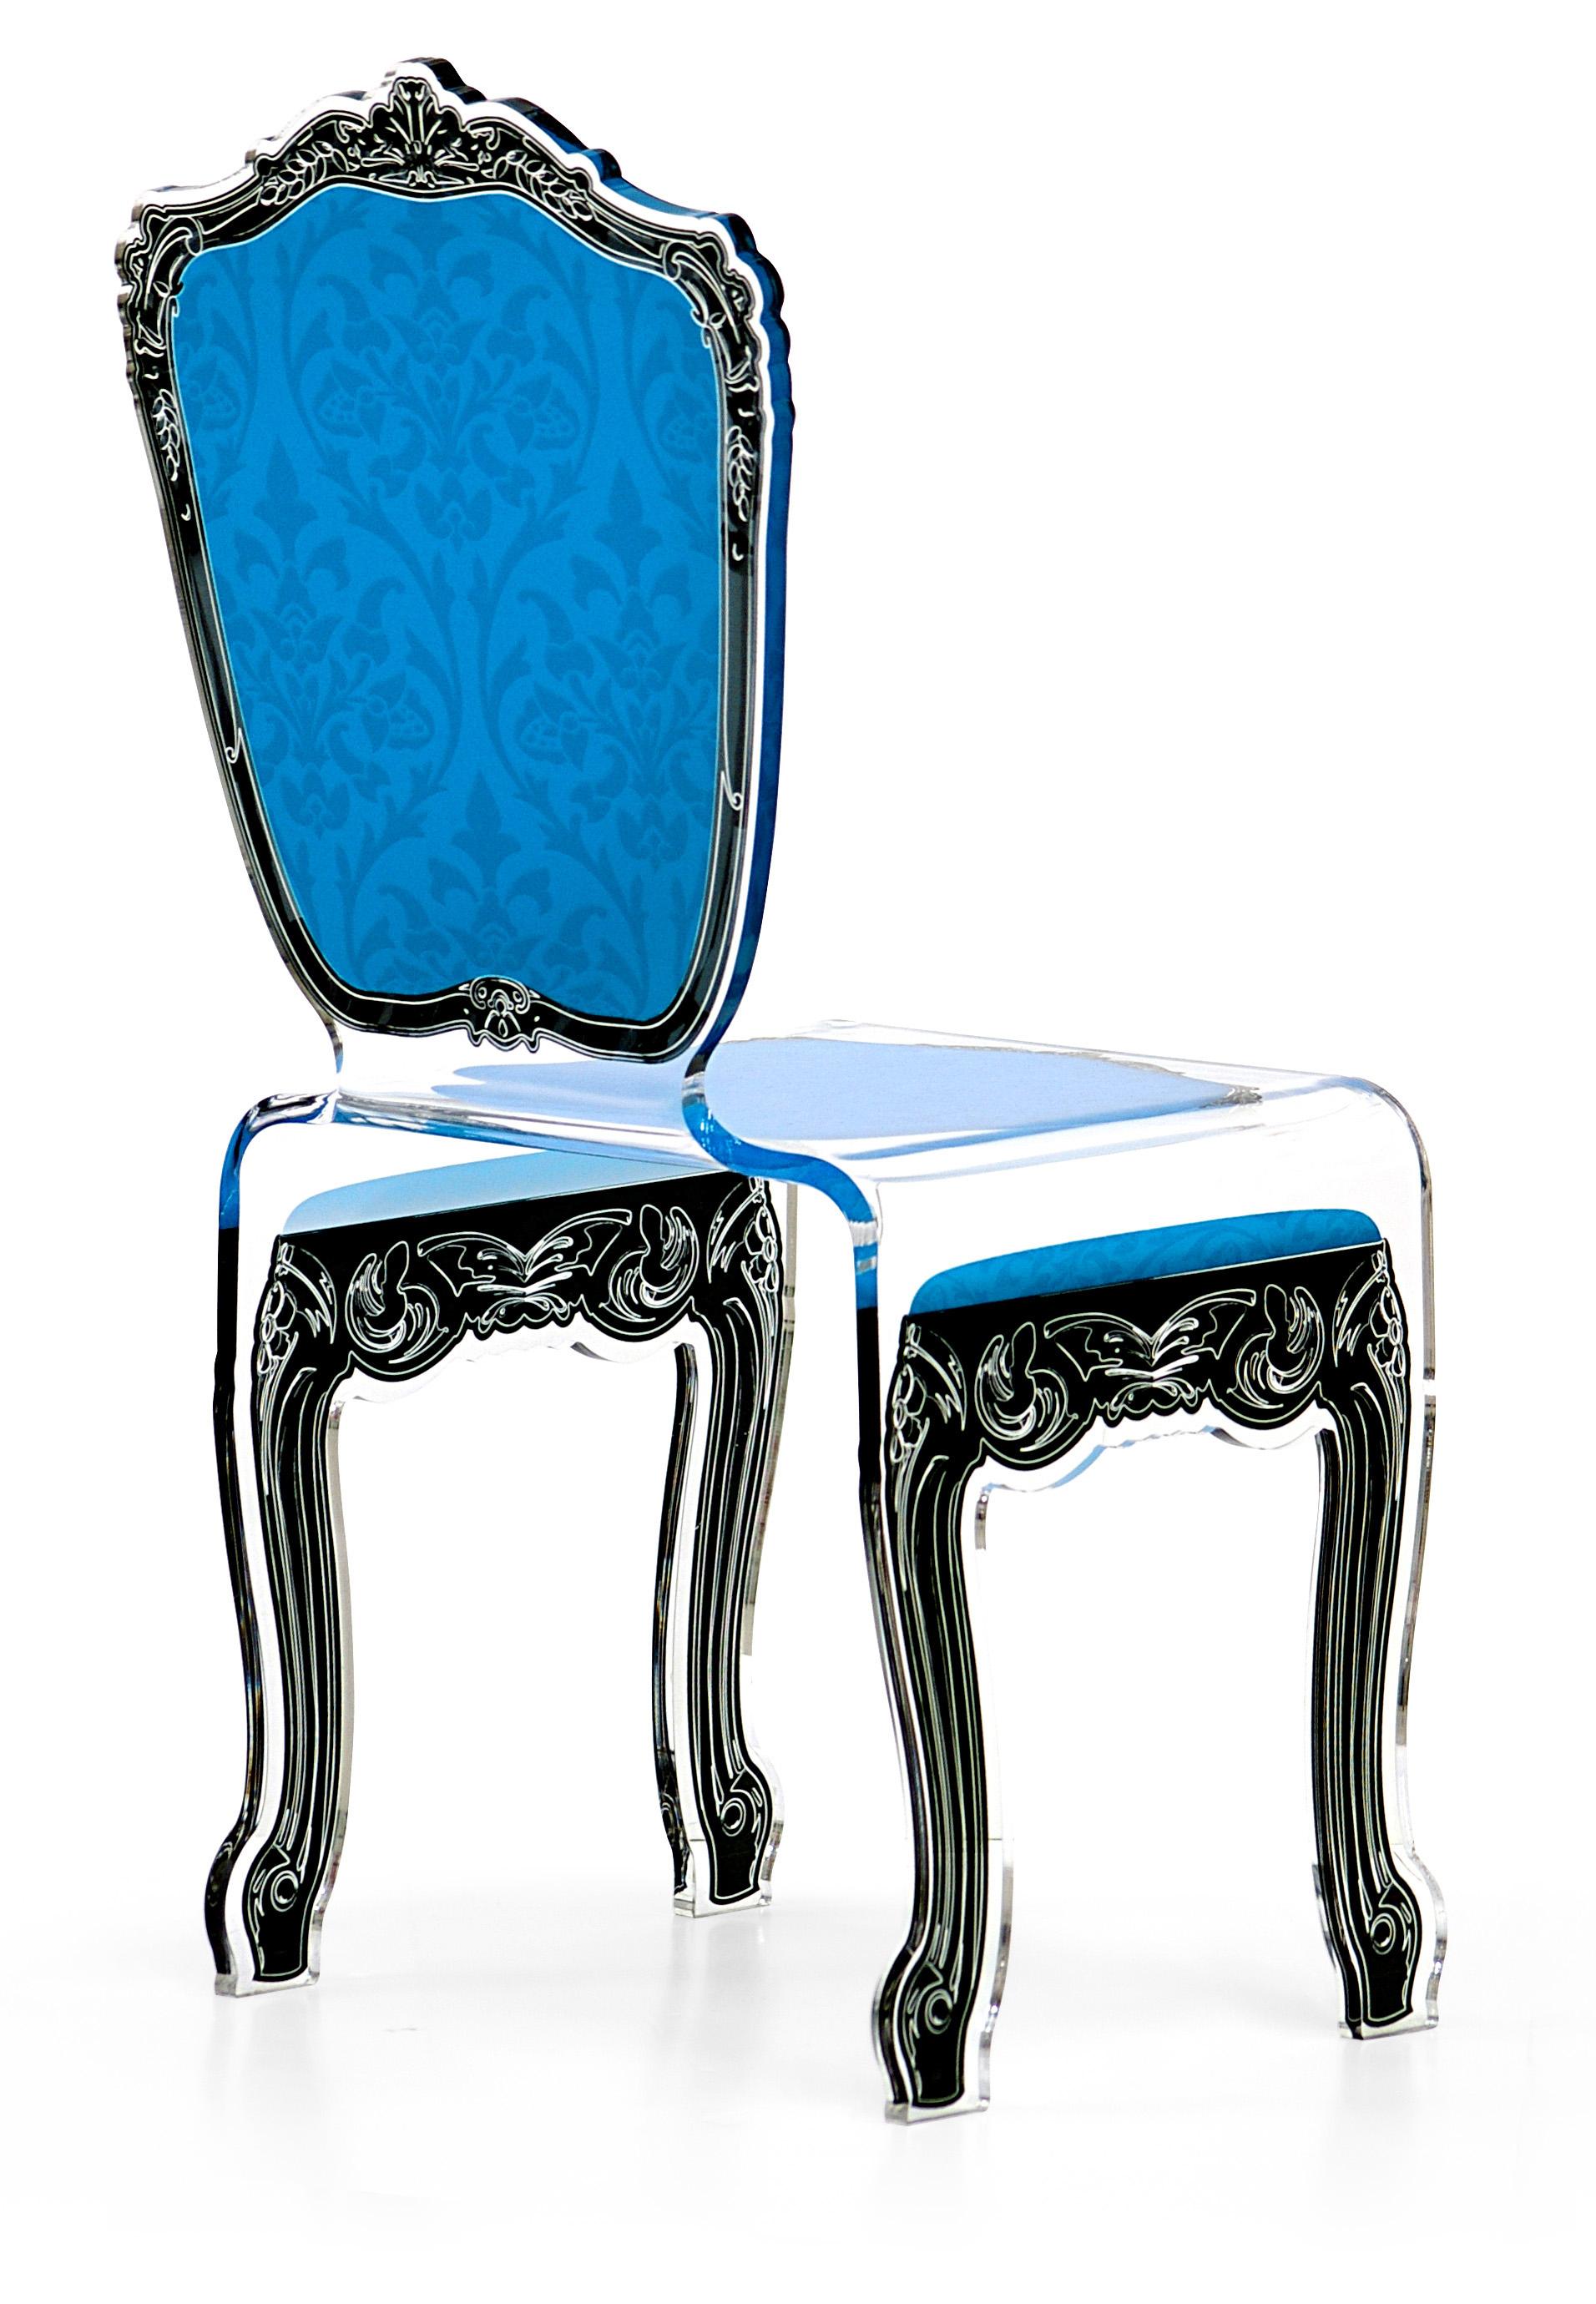 CH baroque bleu dos.jpg